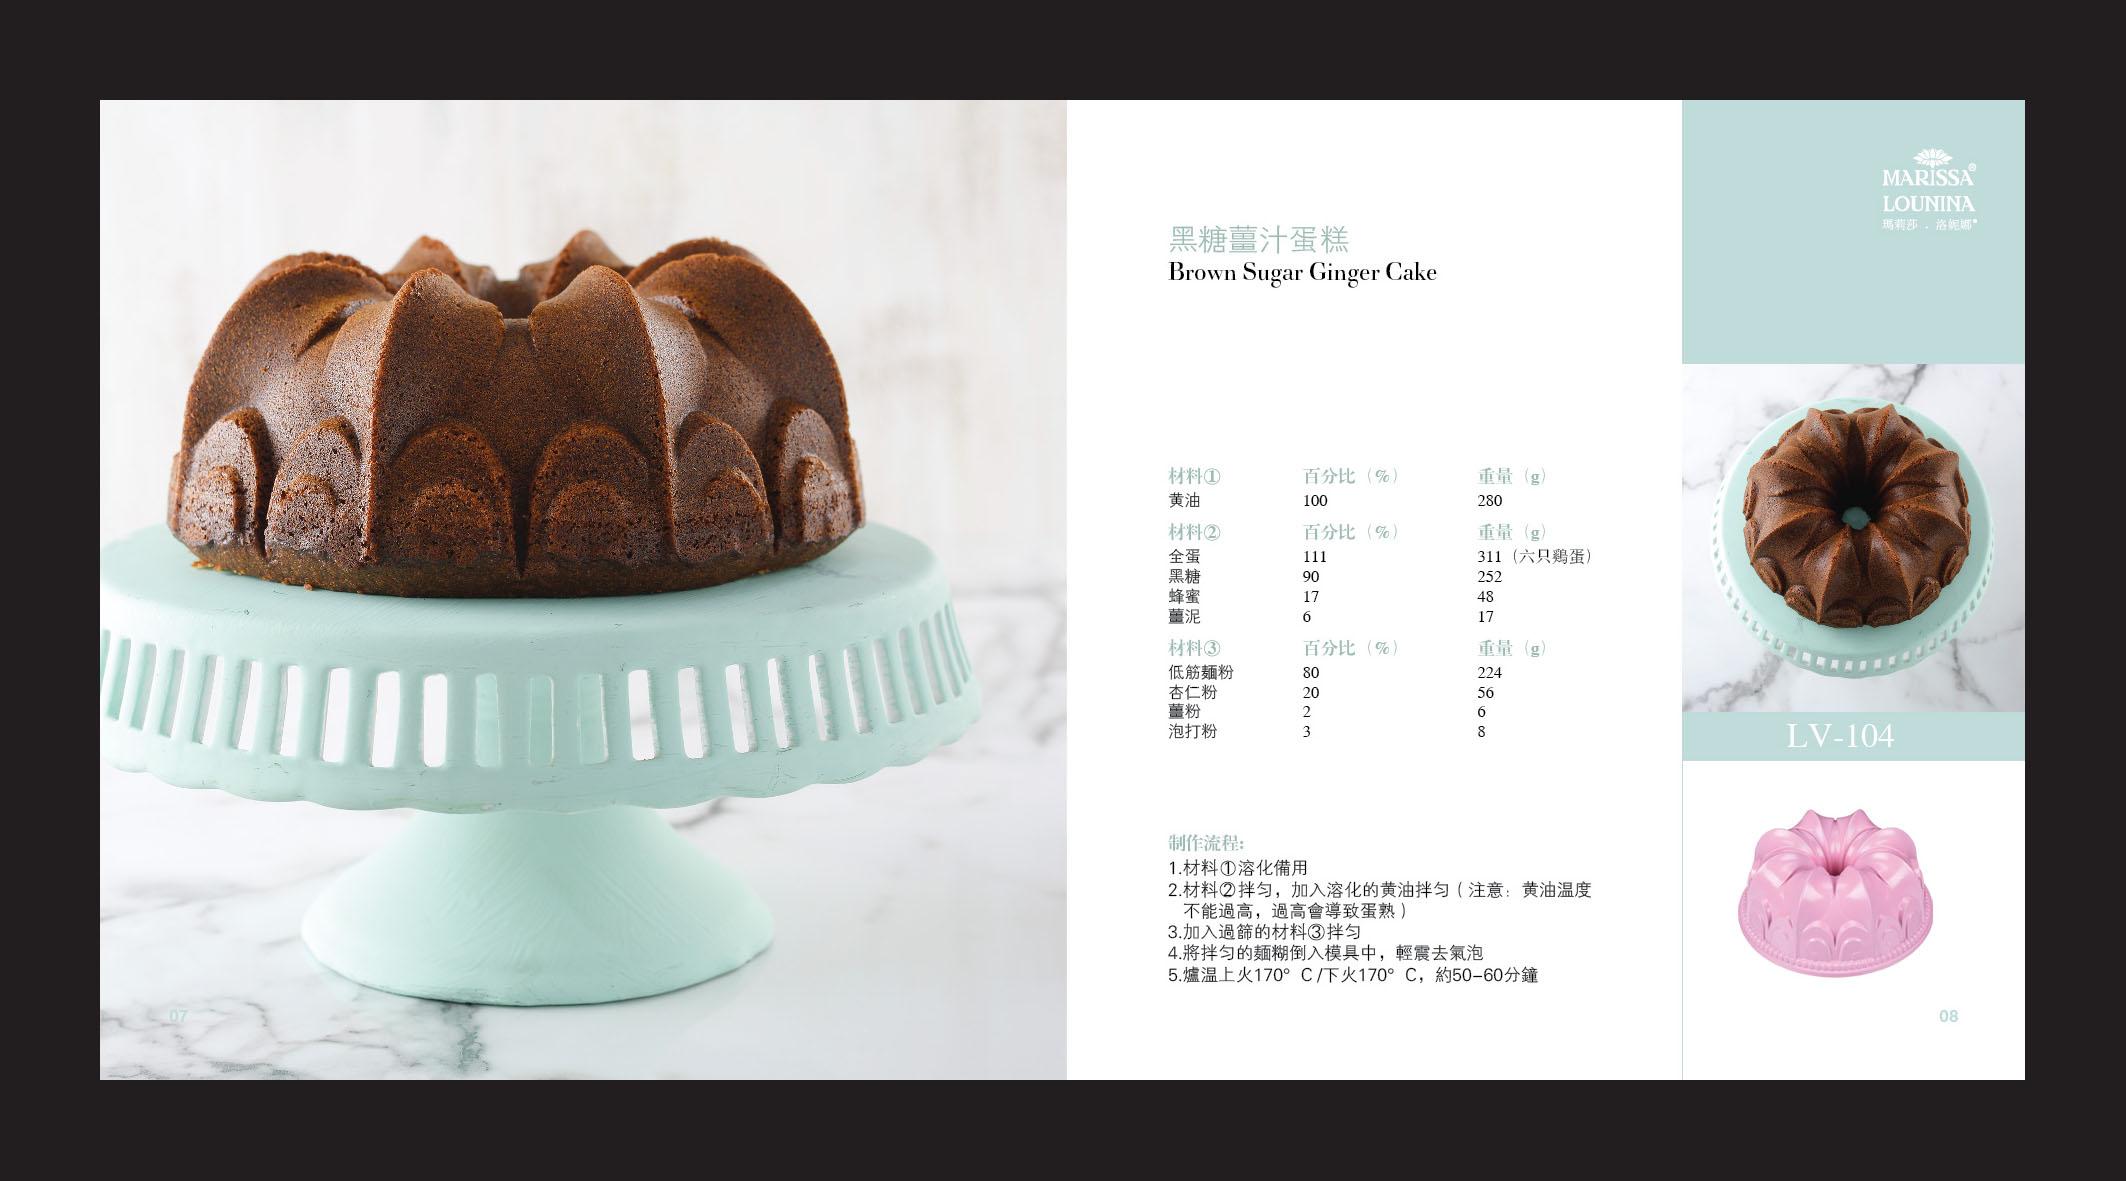 吕一斌 蛋糕模菜谱-104.jpg